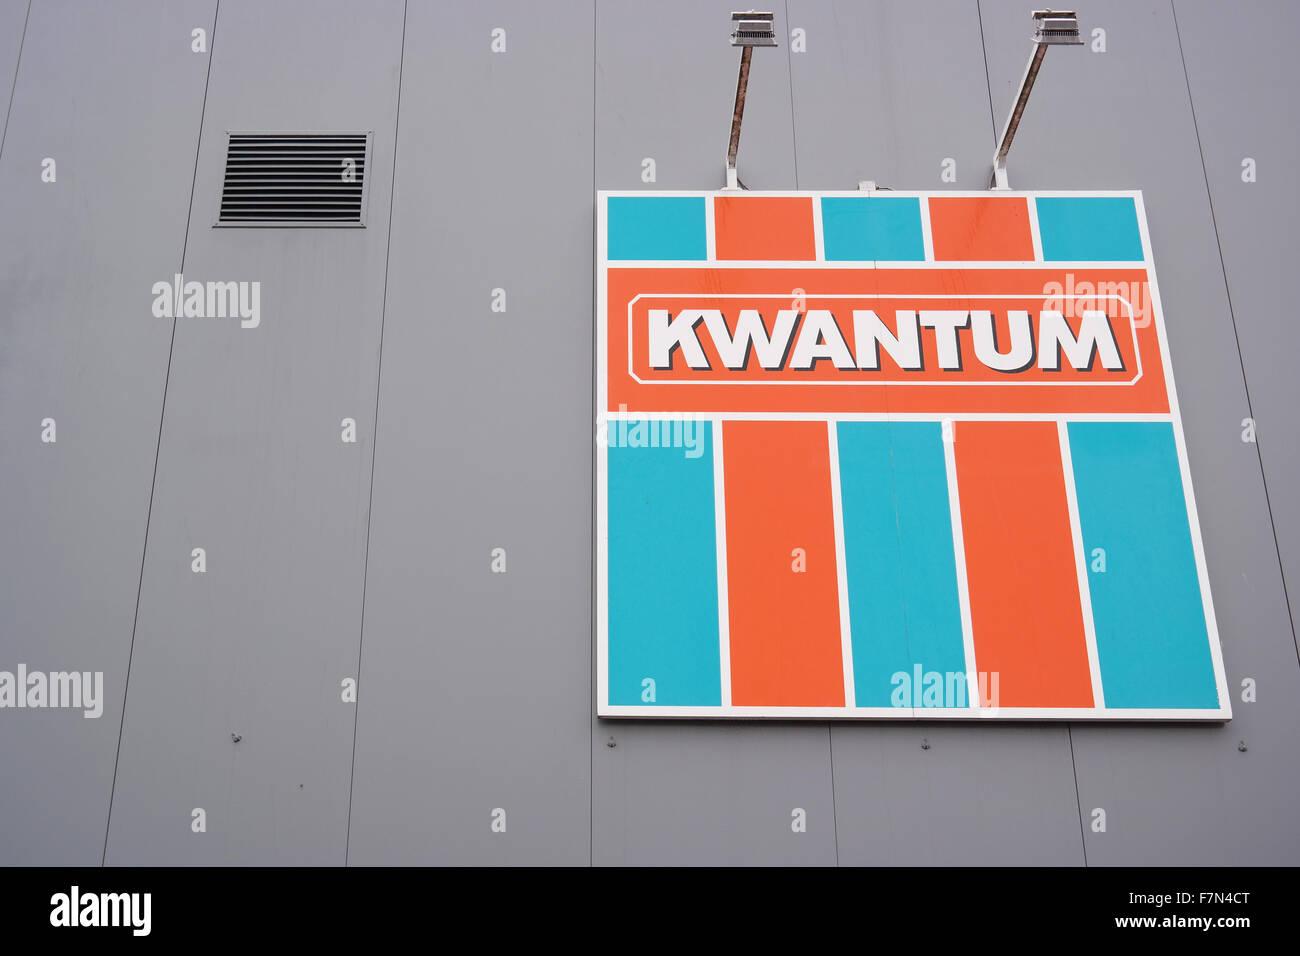 Il logo di Kwantum, un brand del Gruppo Homefashion B.V parte del Macintosh gruppo retail. Immagini Stock